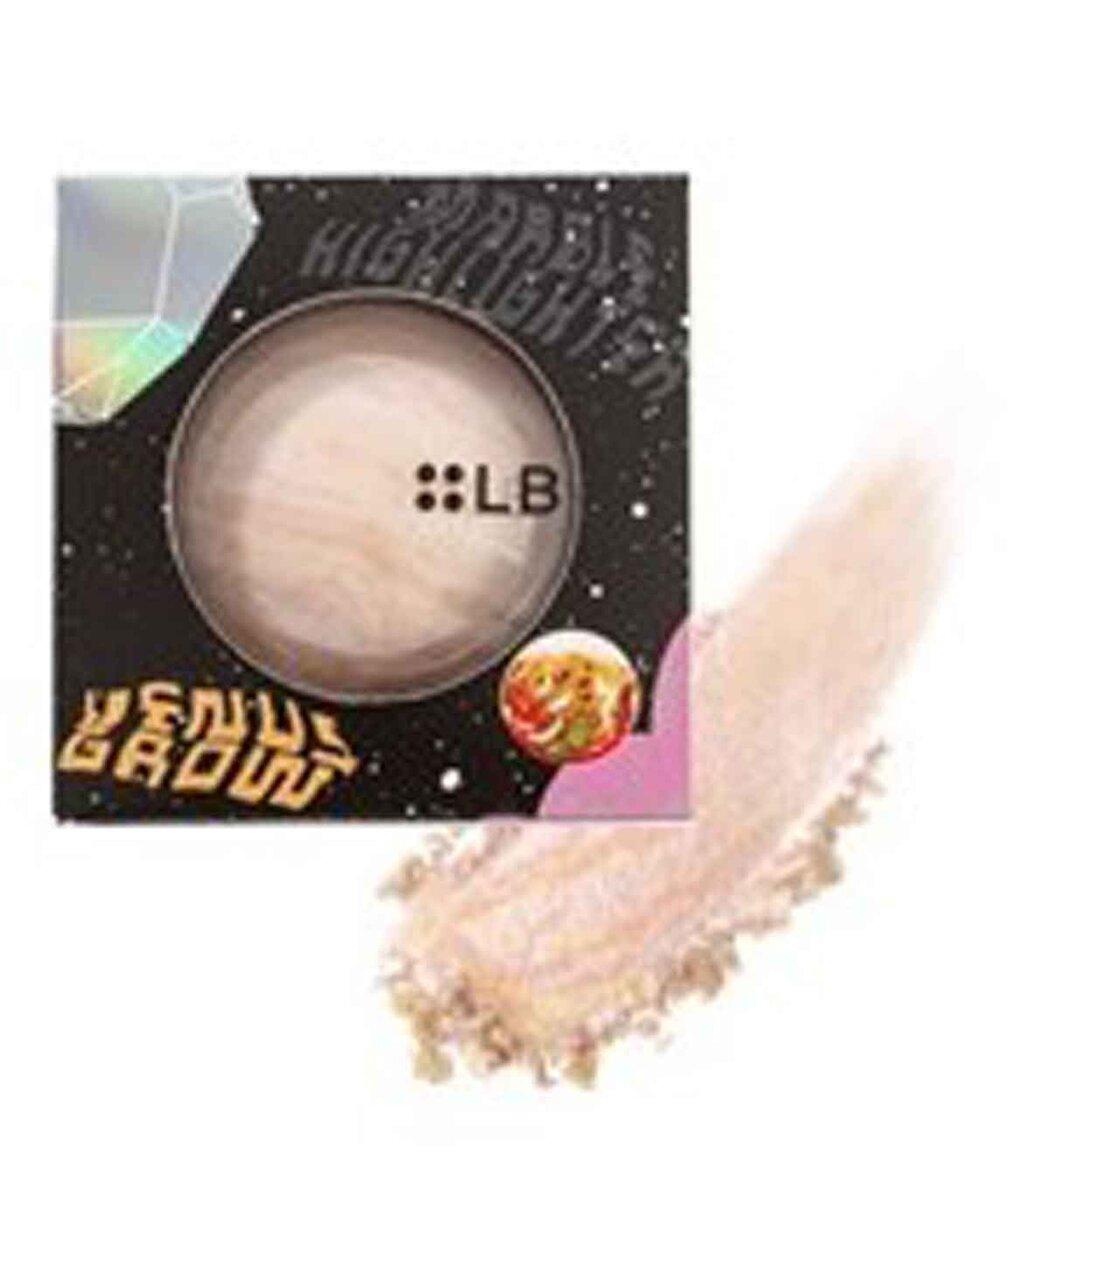 LB(エルビー)「マーブルハイライター」2021年6月8日(火)発売